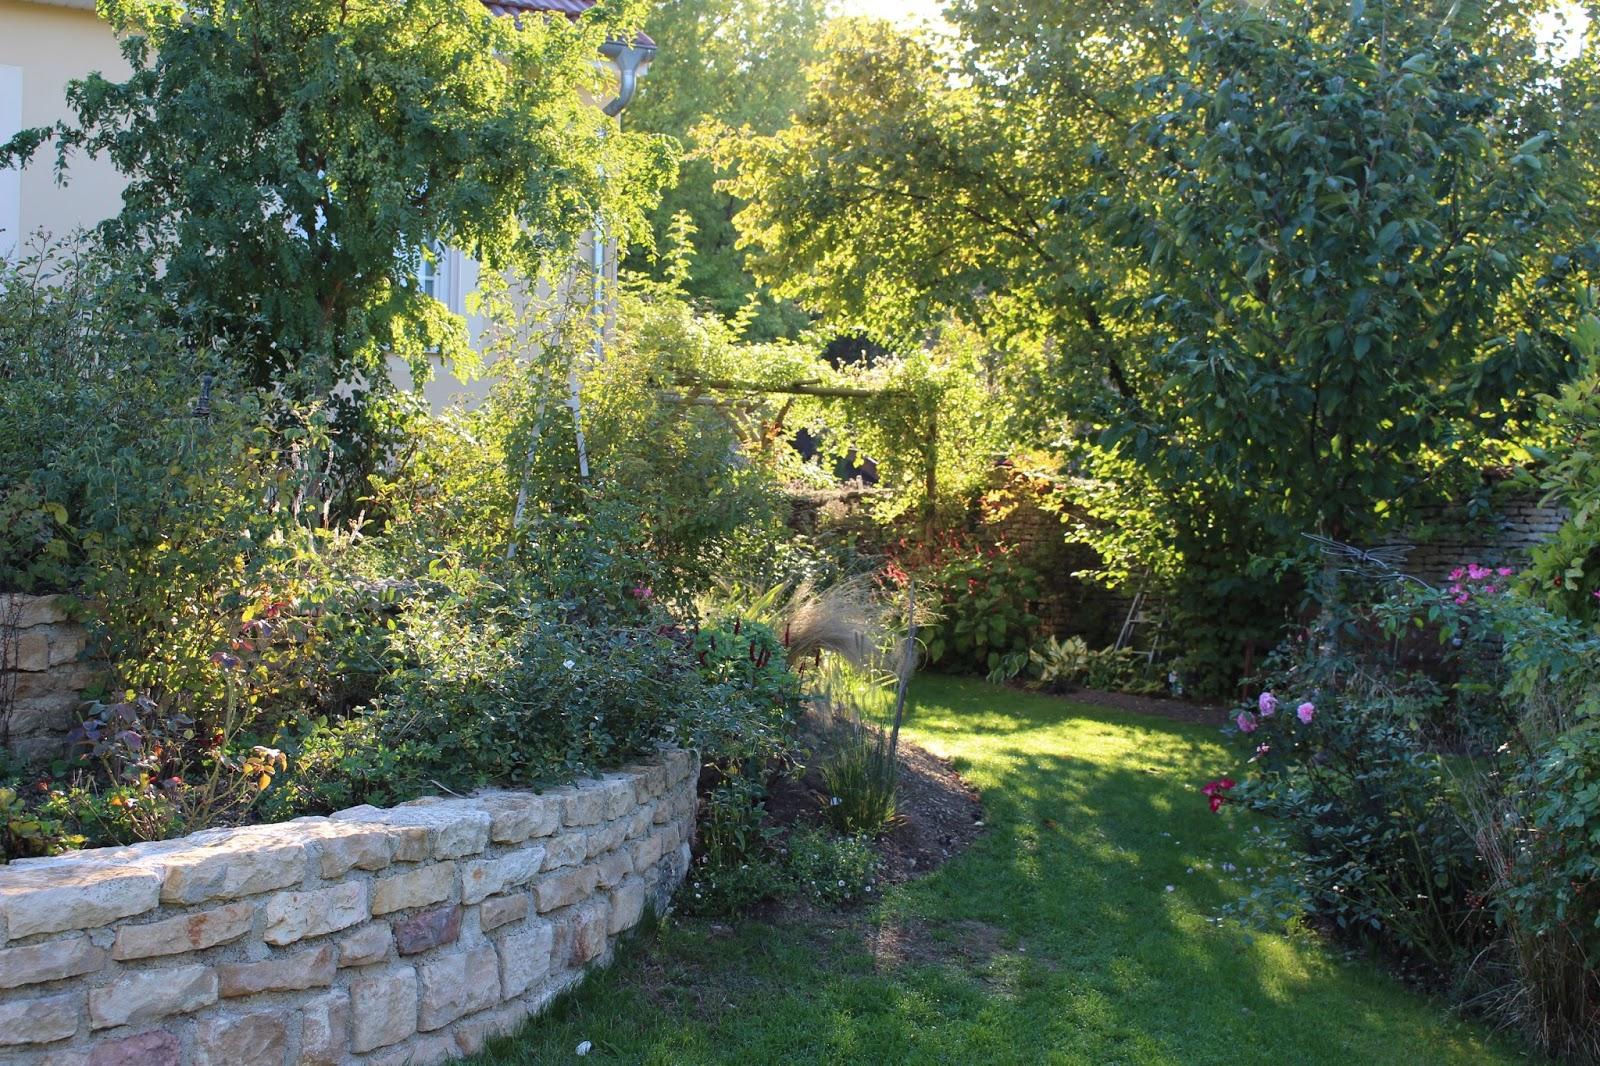 Notre jardin secret septembre 2015 for Jardin septembre 2015